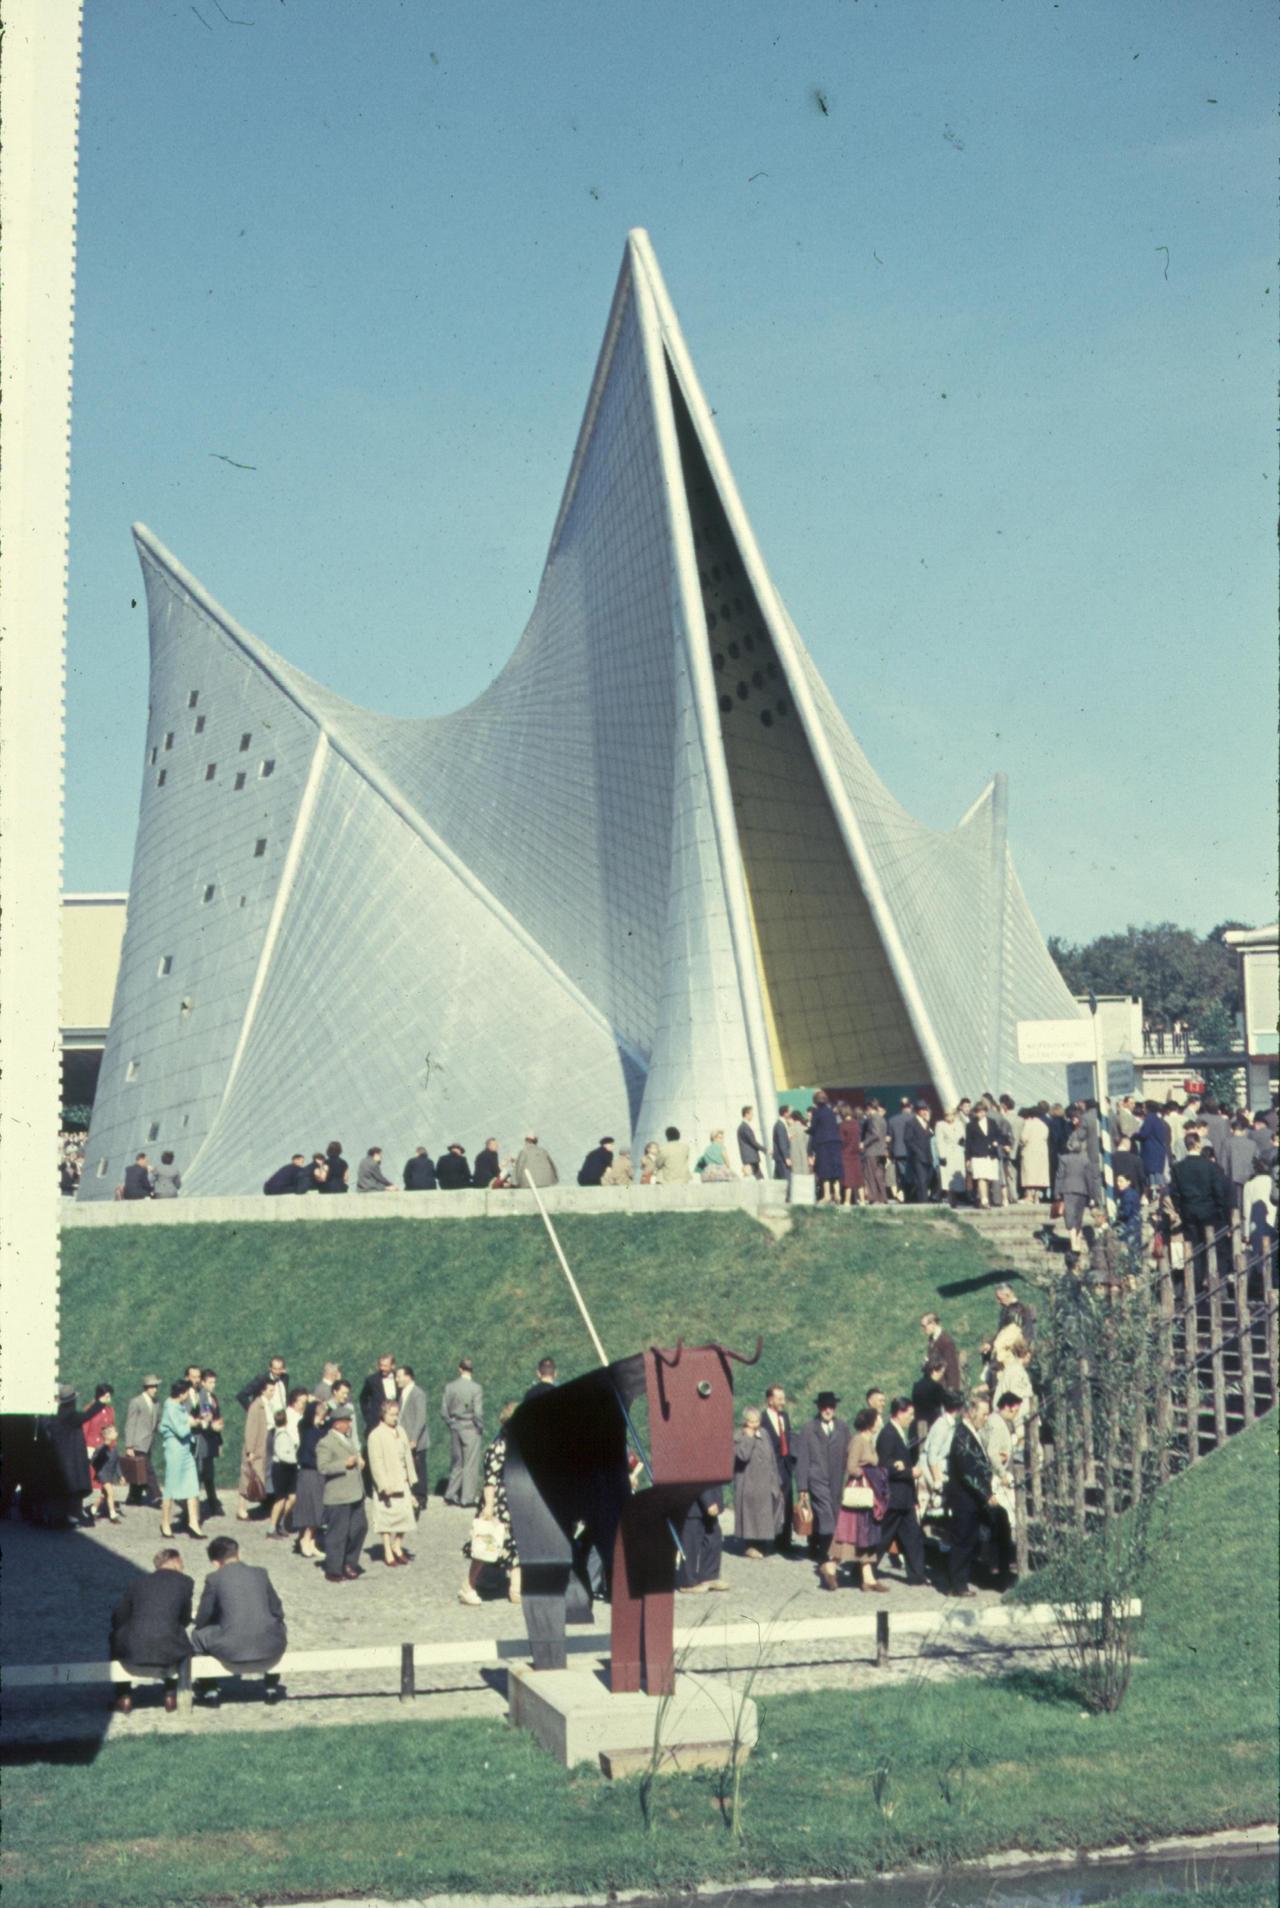 le corbusier philips pavilion brussels 1958 essay Pavillon philips, exposition internationale de 1958, brussels, belgium, 1958 pavillon philips, exposition internationale de 1958, brussels, belgium.